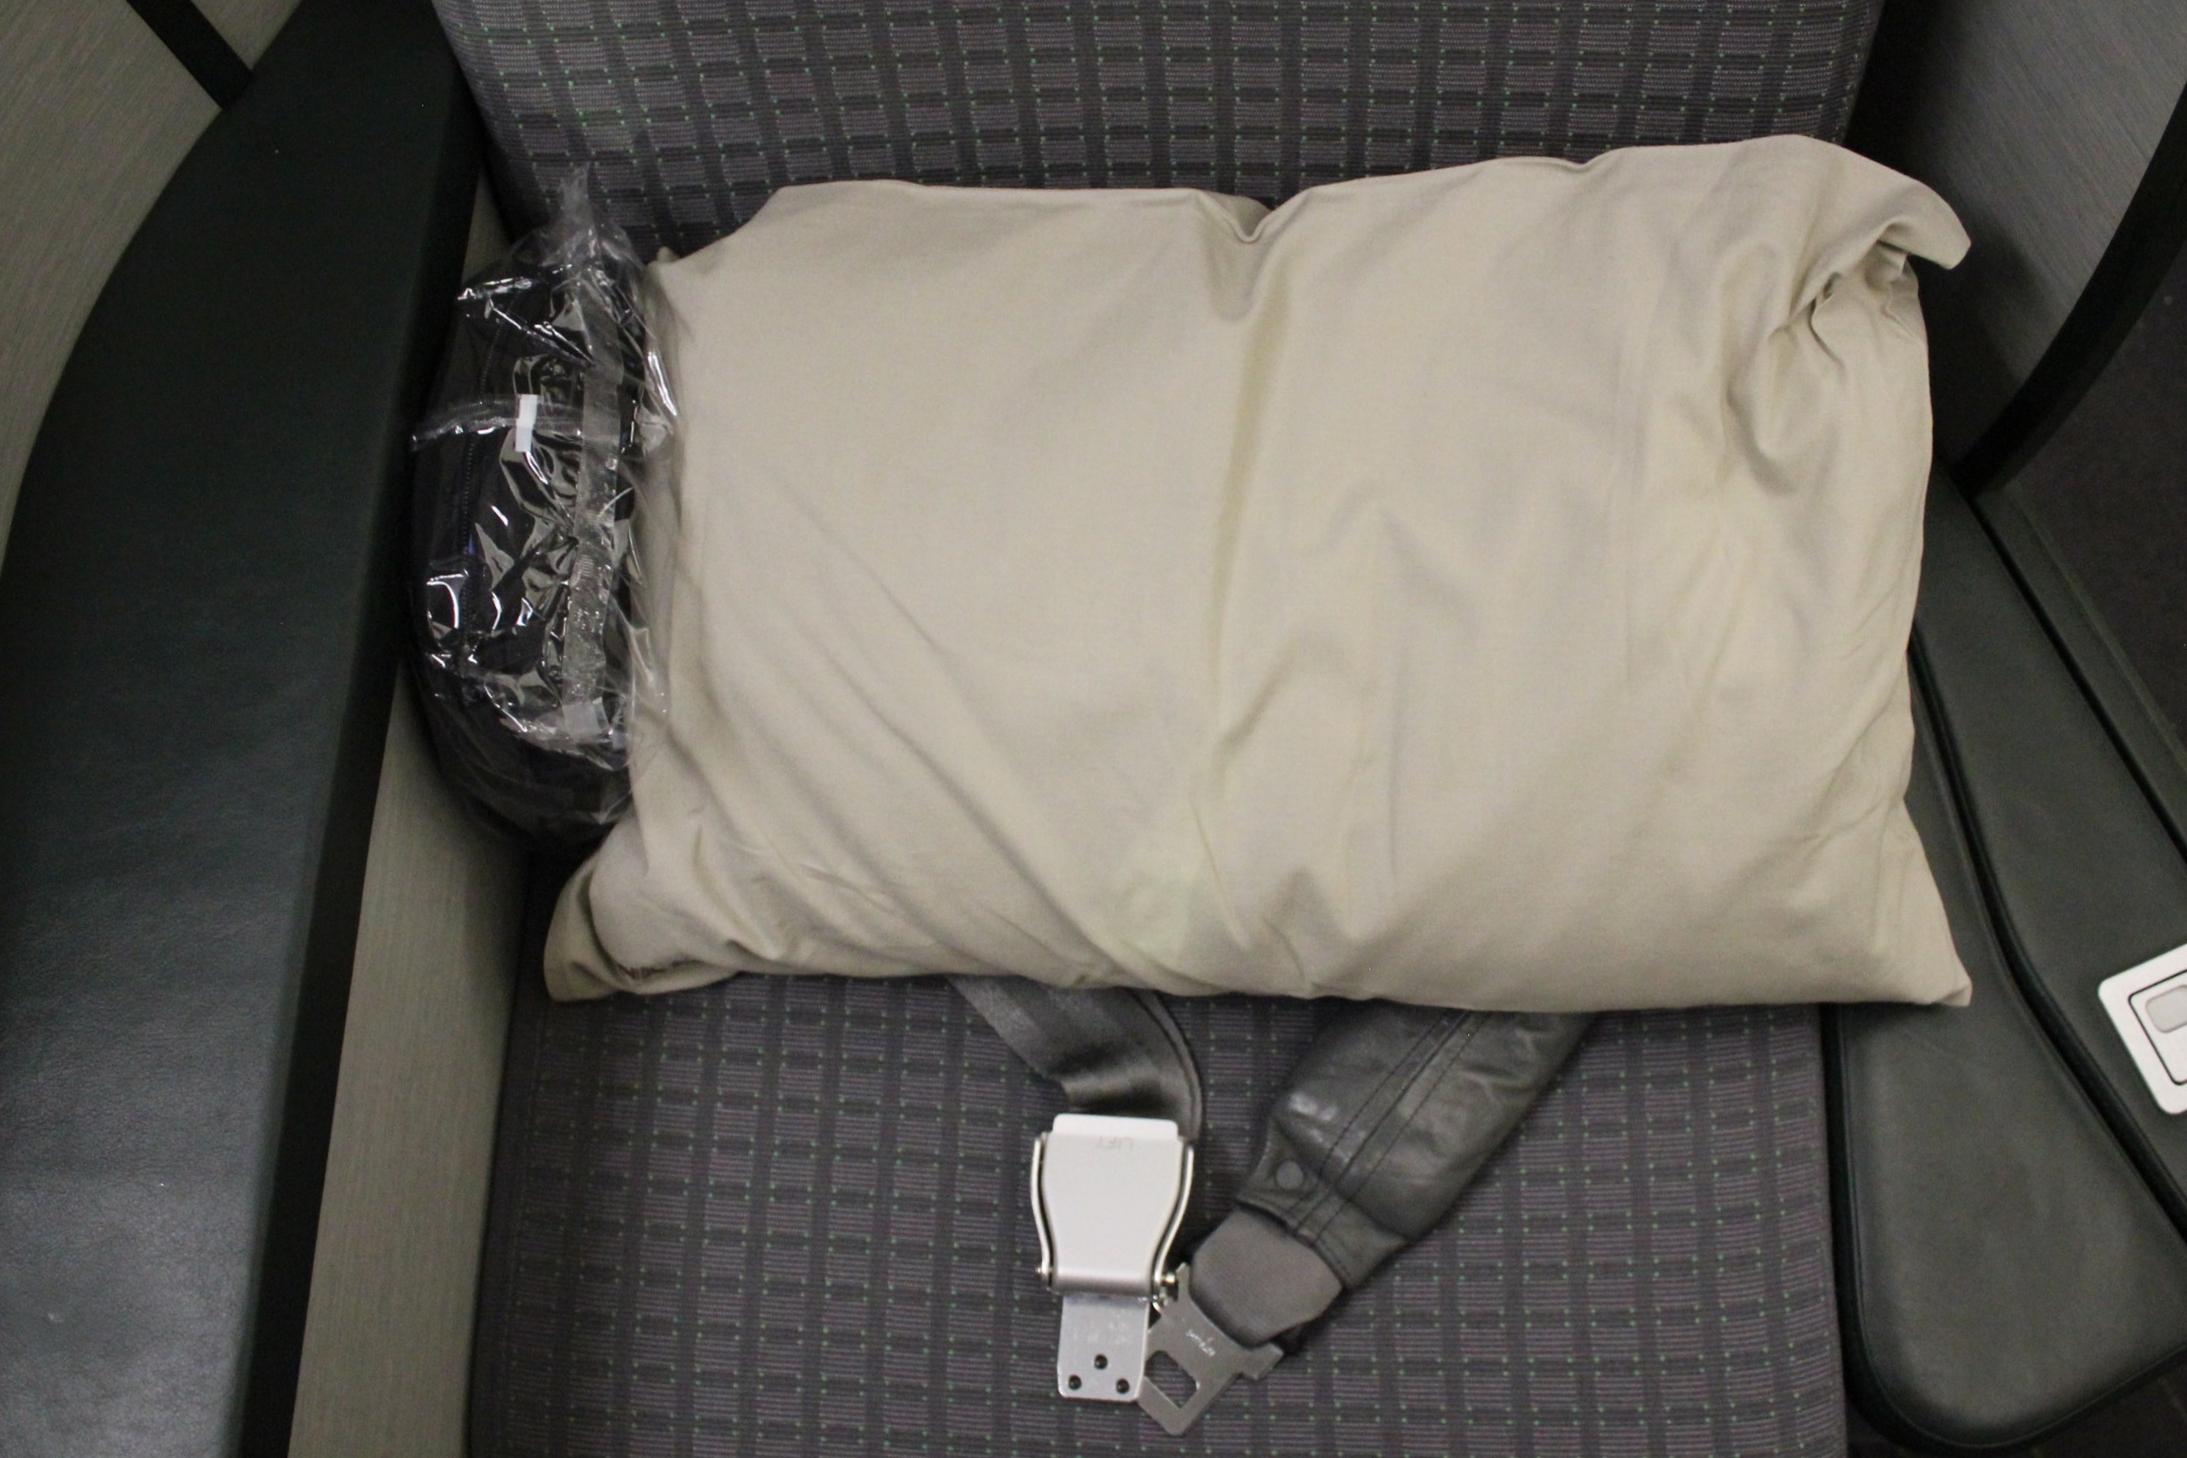 EVA Air business class – Pillow